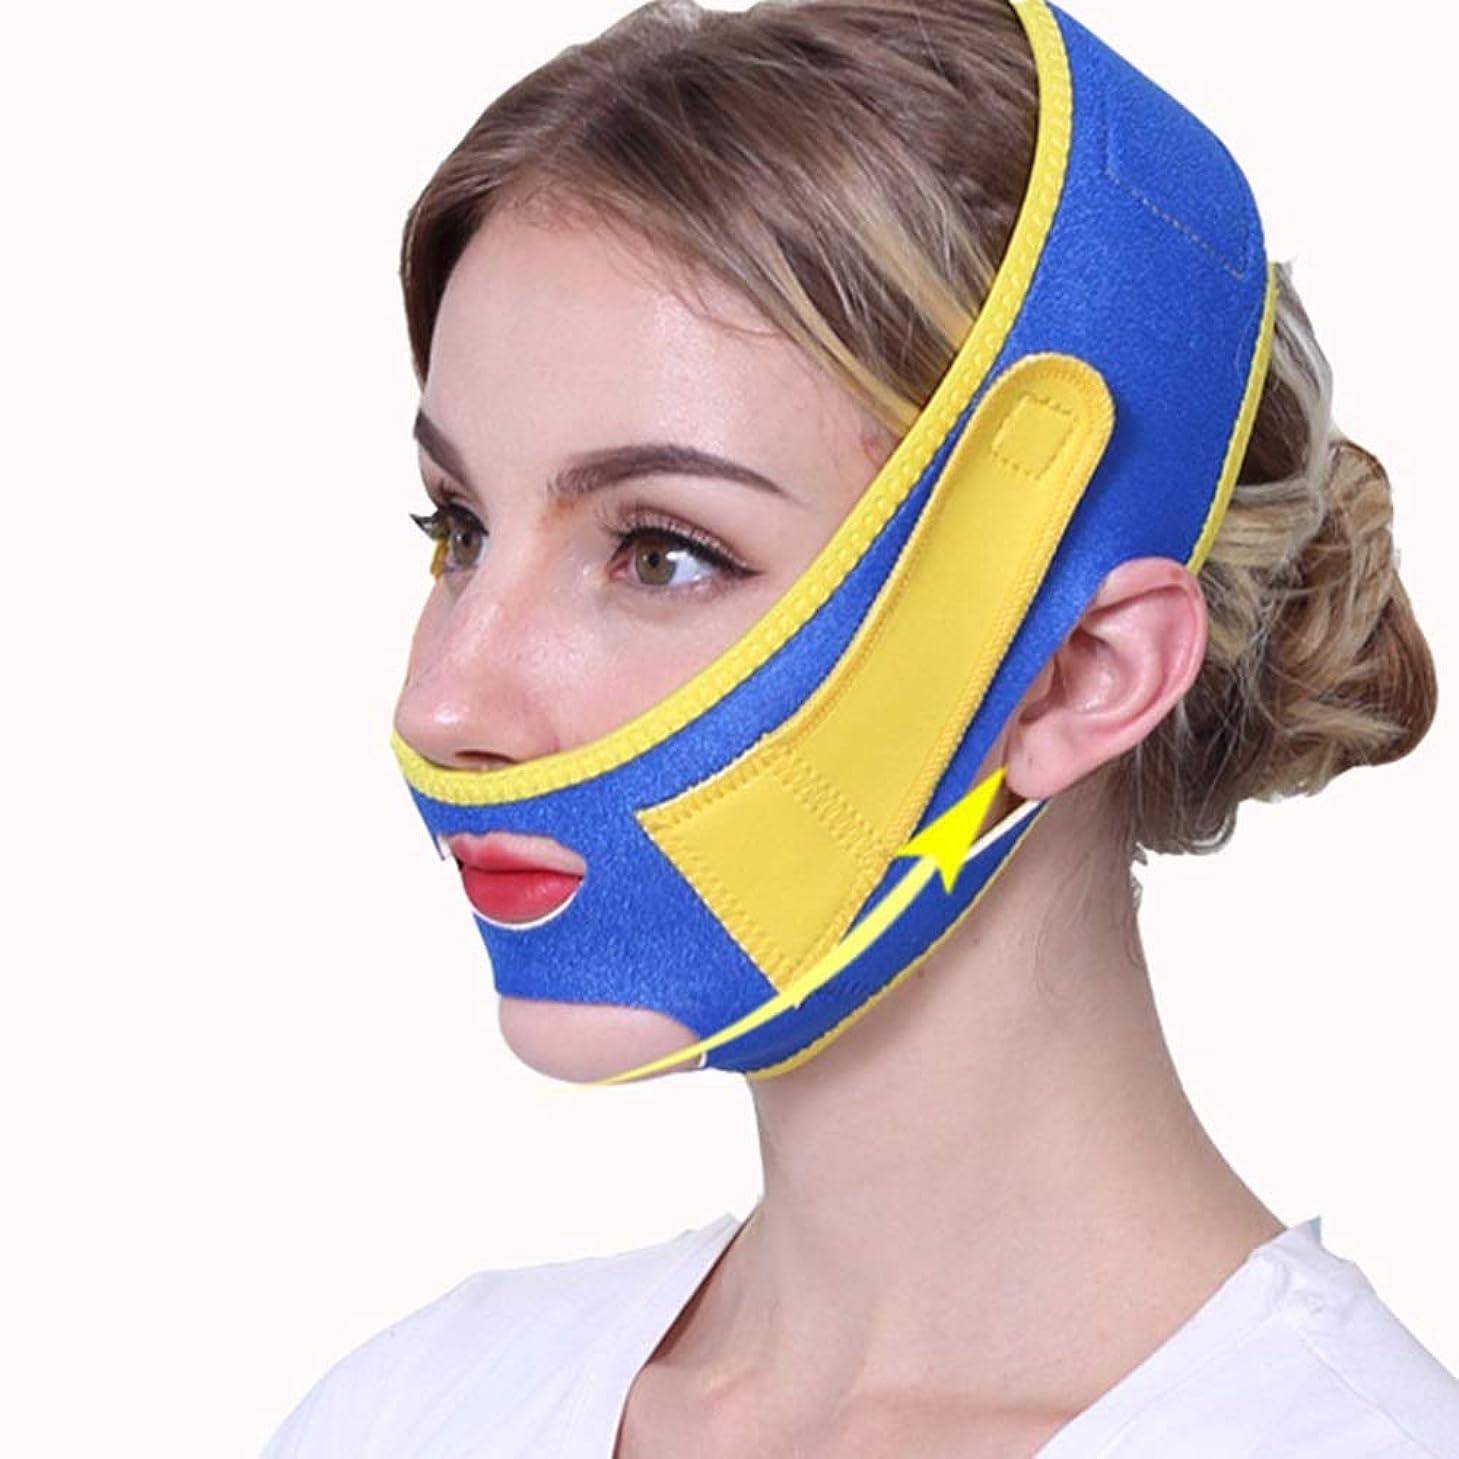 対立時間厳守彼女BS フェイシャルリフティング痩身ベルトフェイス包帯マスク整形マスクフェイスベルトを引き締める薄型フェイス包帯整形マスクフェイスと首の顔を引き締めスリム フェイスリフティングアーティファクト